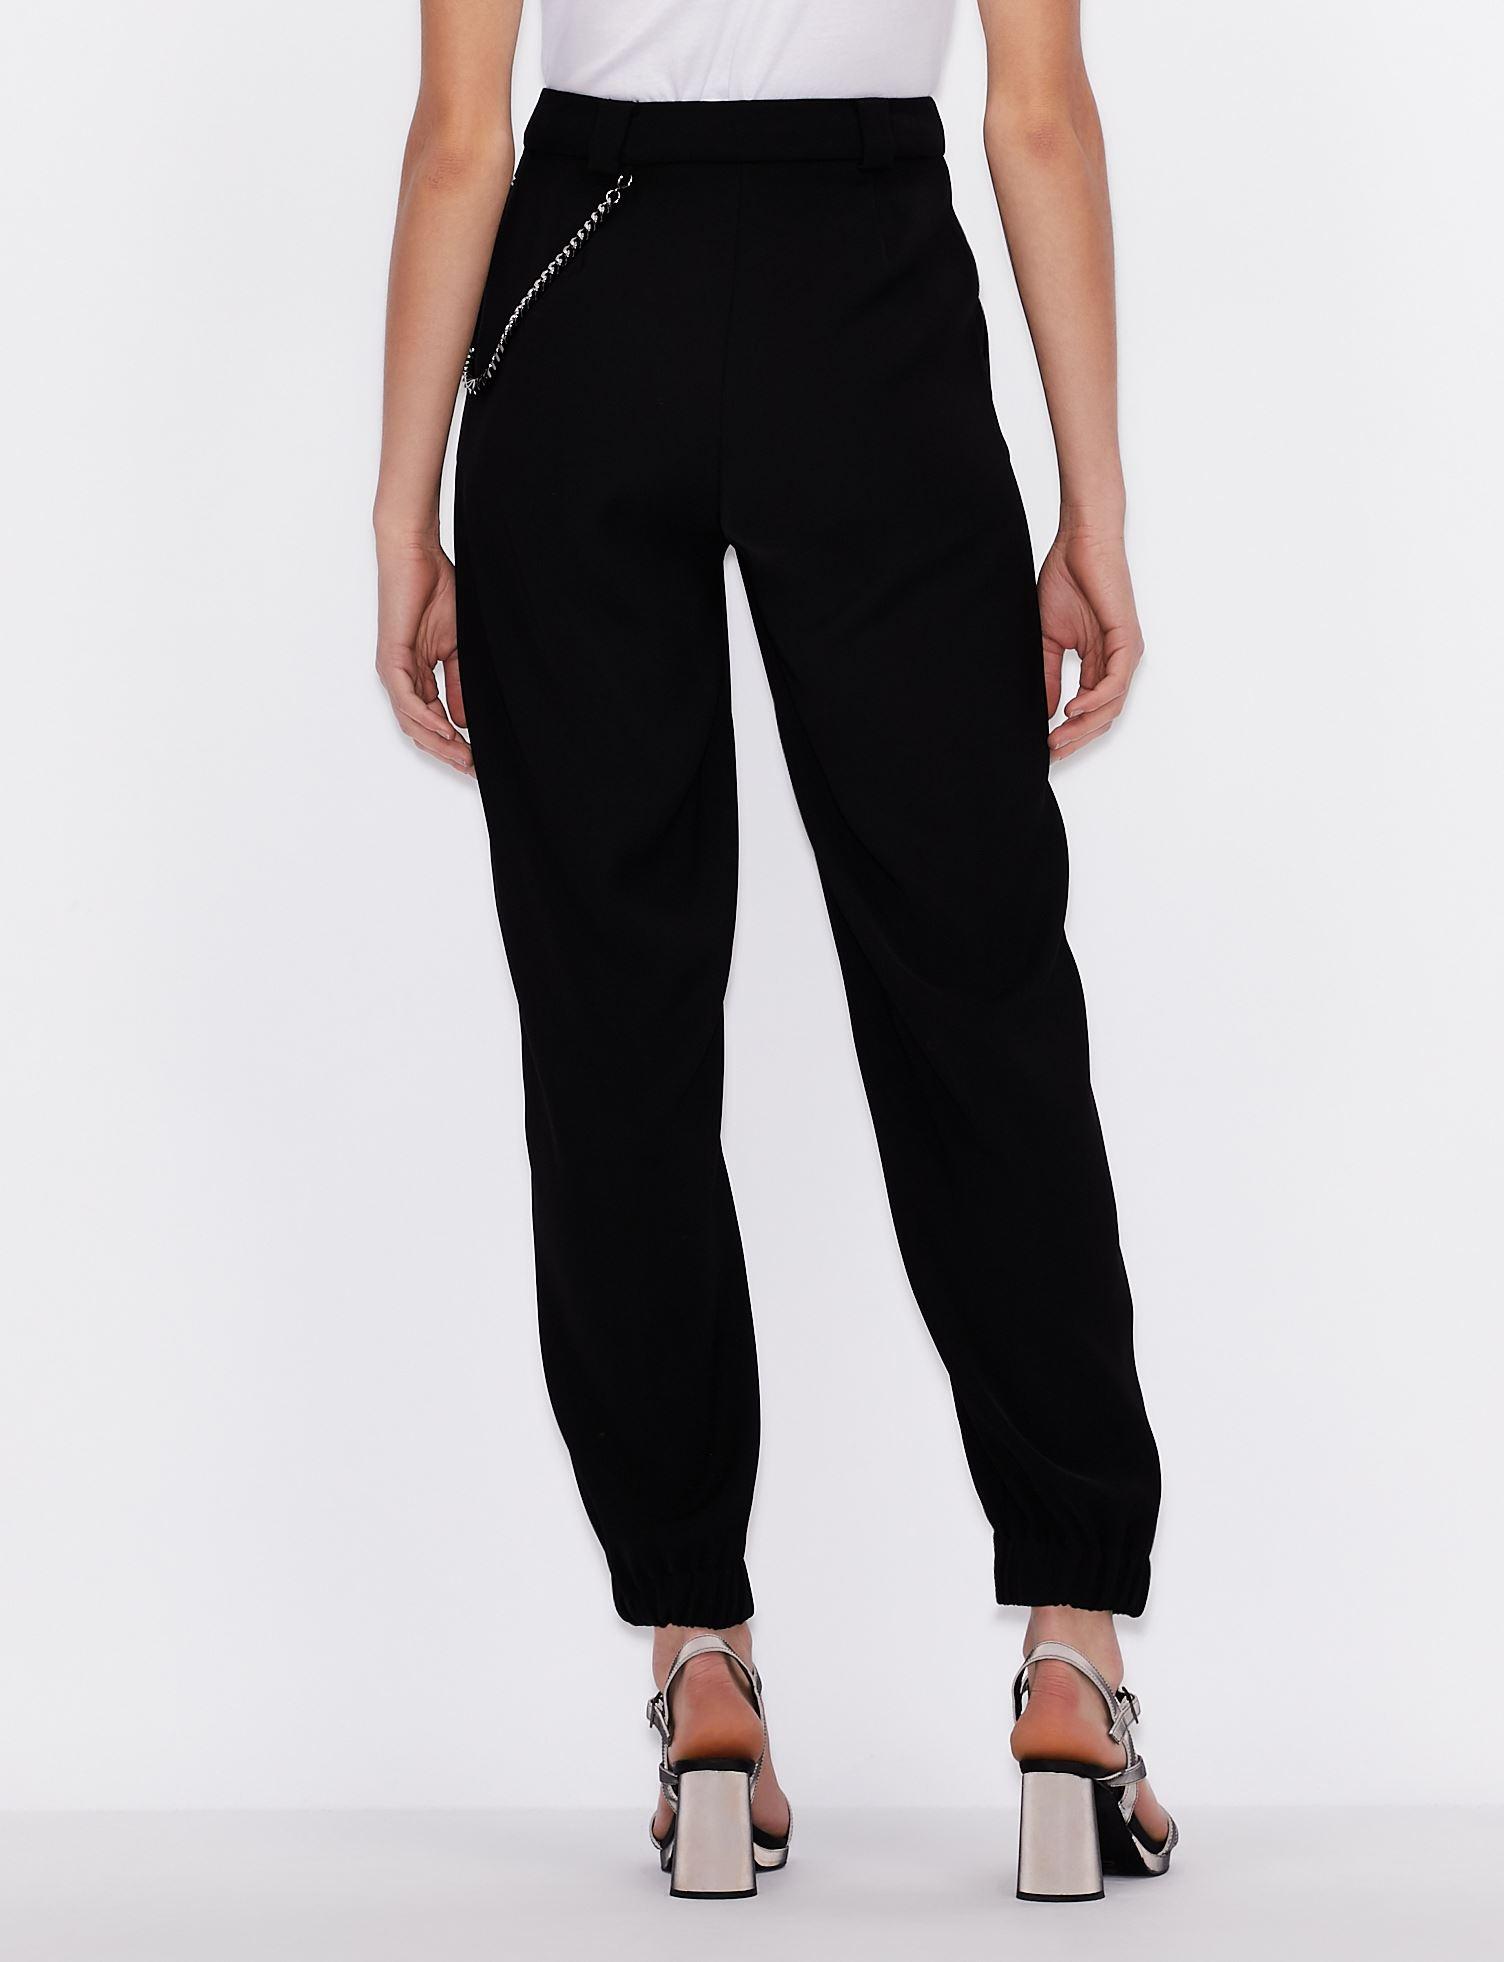 Pantaloni Armani Exchange ARMANI EXCHANGE | Pantalone | 3KYP13-YNVCZ1200